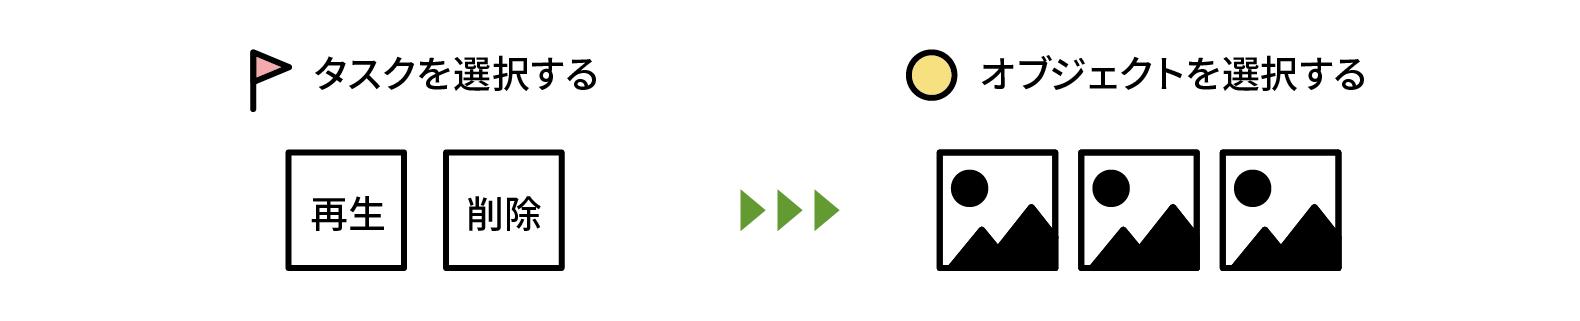 図:再生・削除などのタスクを選択してから動画などのオブジェクトを選択する